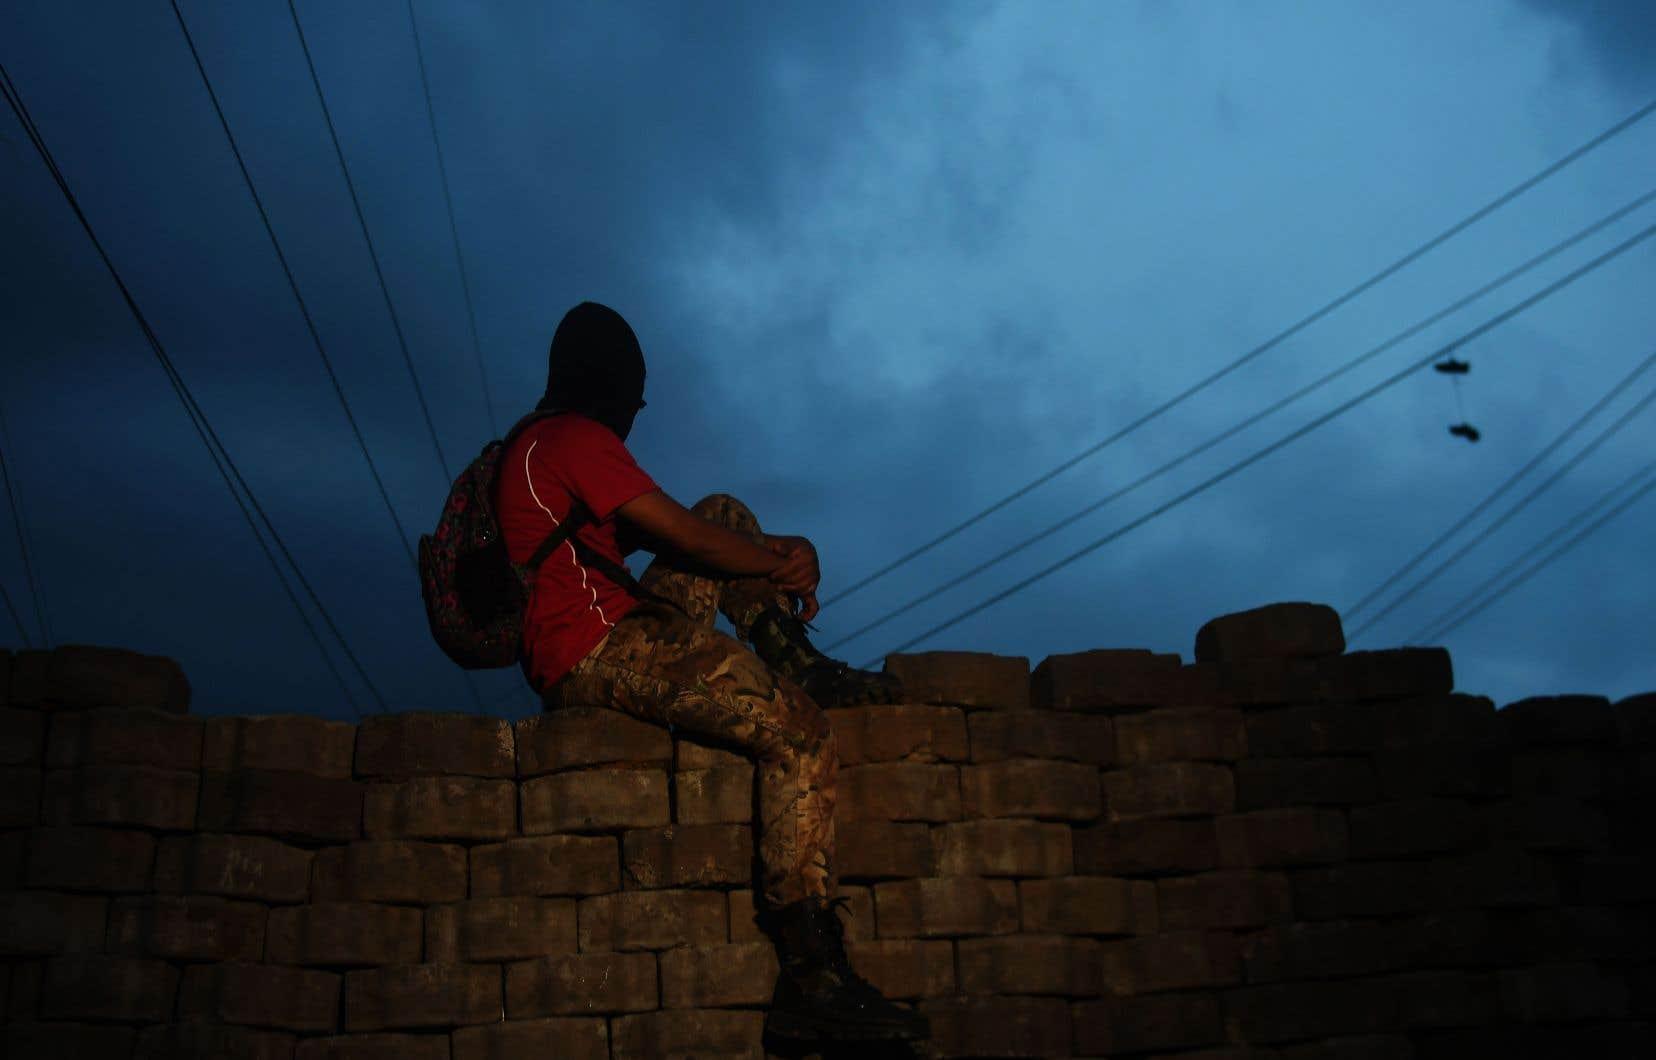 La commune de Masaya a été le théâtre d'importants accrochages entre les manifestants et les forces de l'ordre cette semaine.